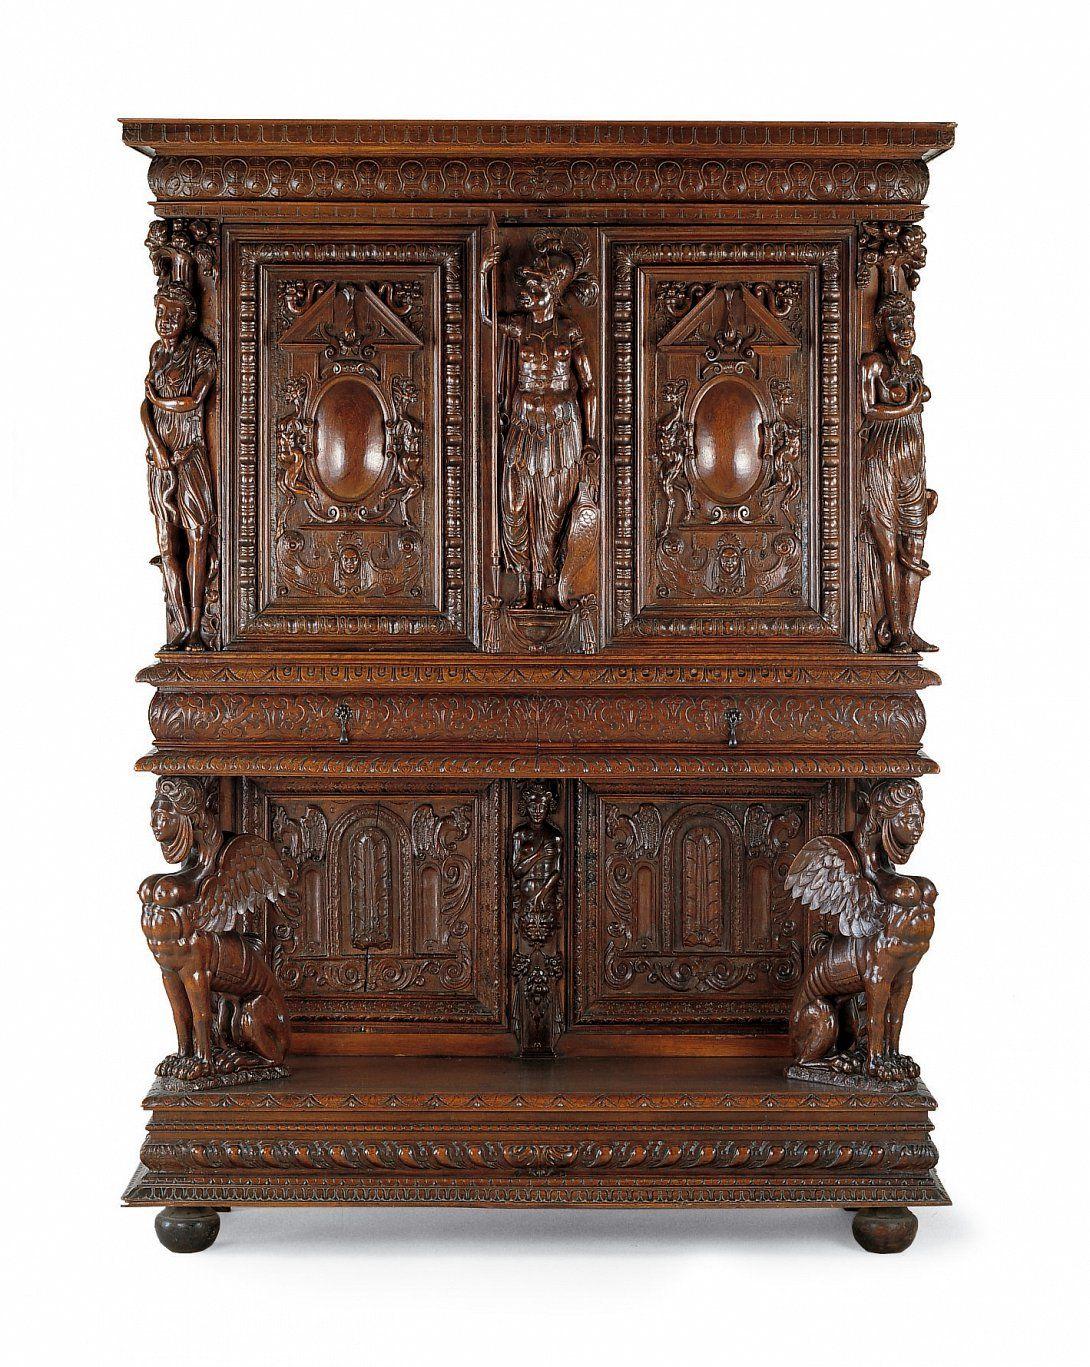 Ecole De Lyon Buffet Dressoir Fin Du 16e Noyer Arts Decoratifs Renaissance Repertoire Sculpte Art Decoratif Musee Des Arts Decoratifs Meuble Baroque